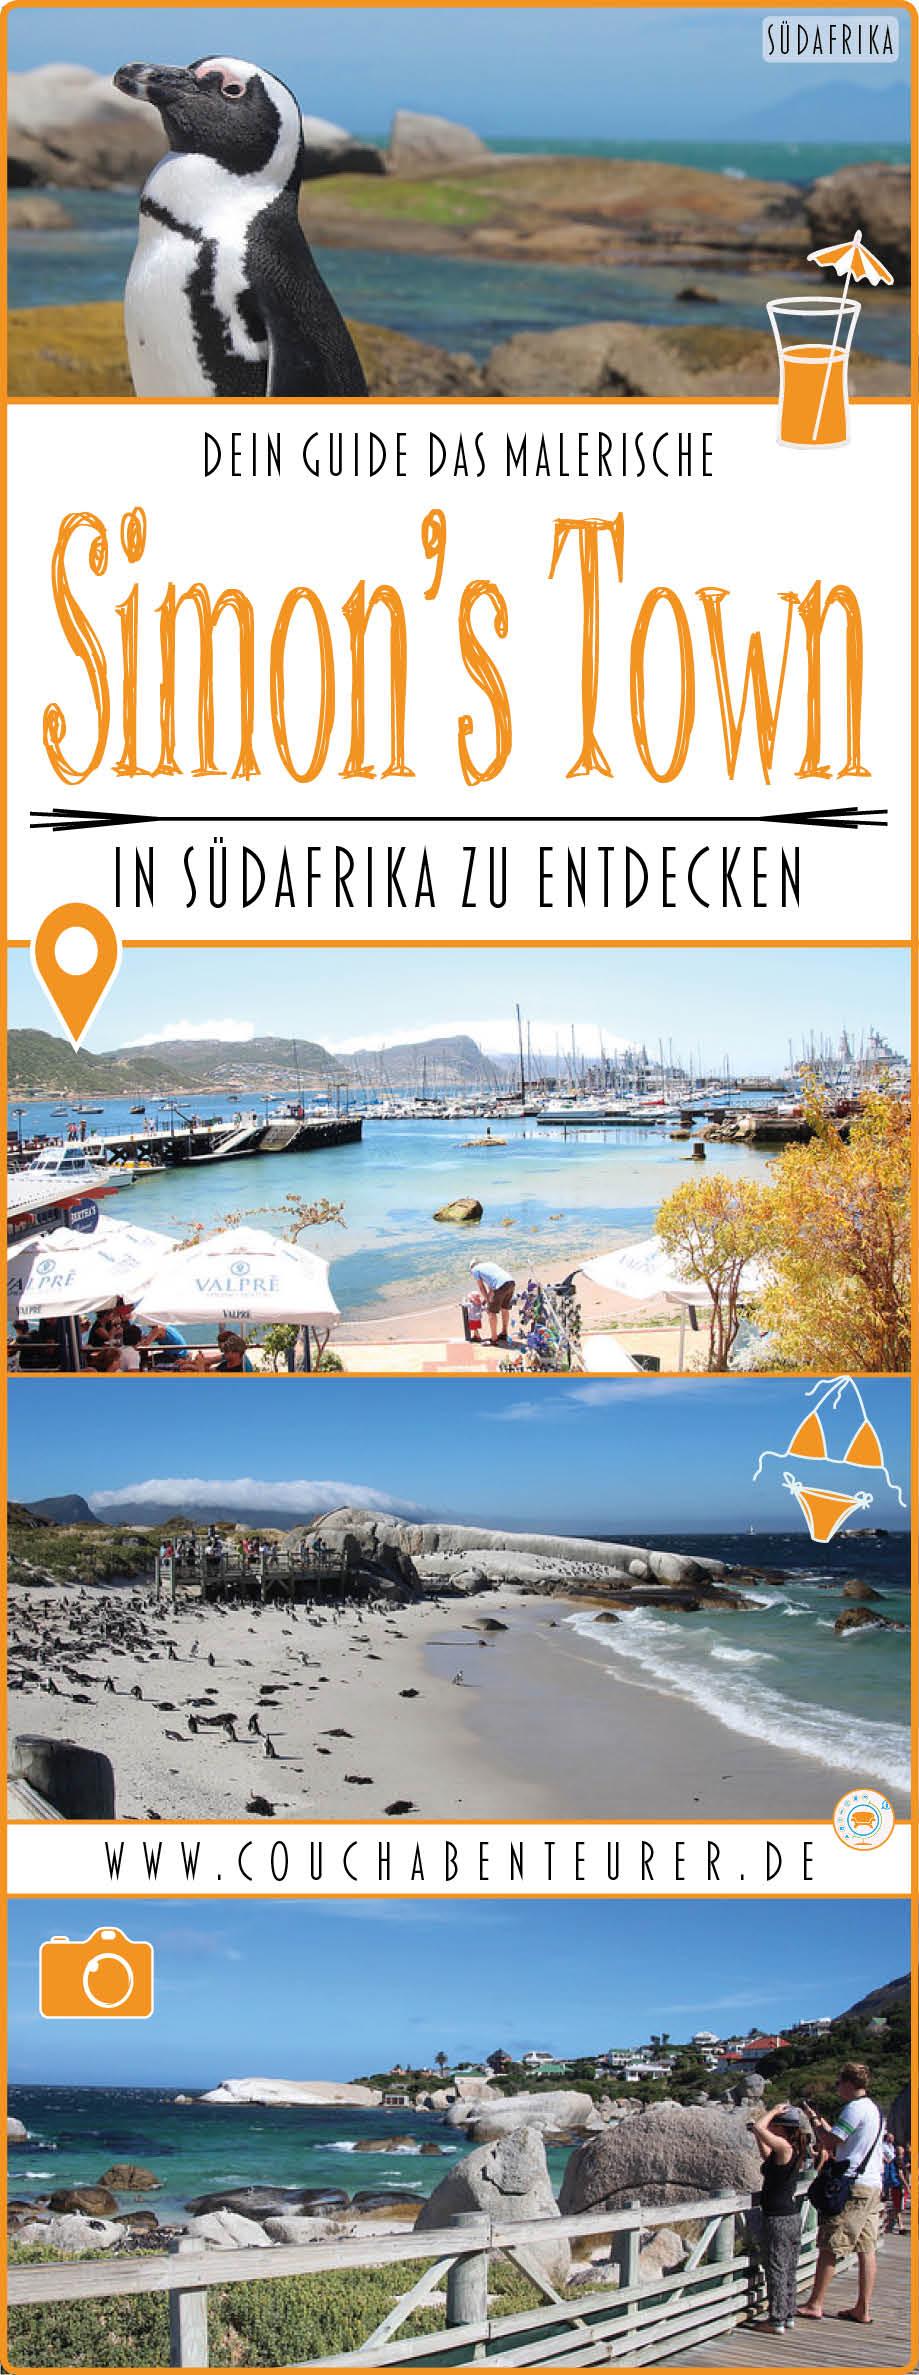 Dein-Guide-malerische-Simons-Town-Südafrika-zu-entdecken